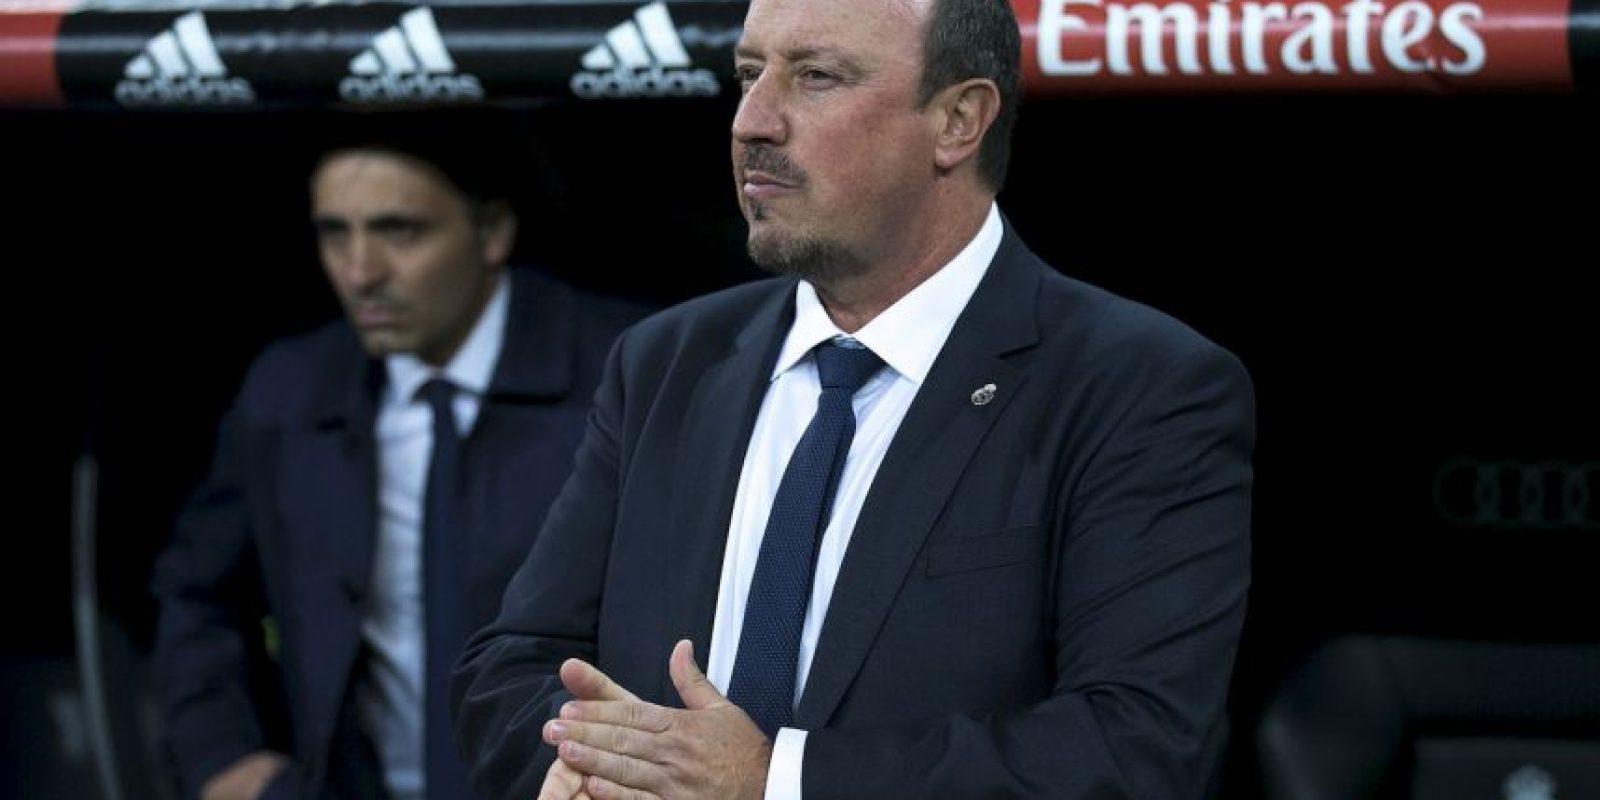 Benítez comenzó a entrenar al Real Madrid en la temporada 2015/2016, pero fue despedido el pasado mes de enero por la crisis de resultados del equipo. Foto:Getty Images